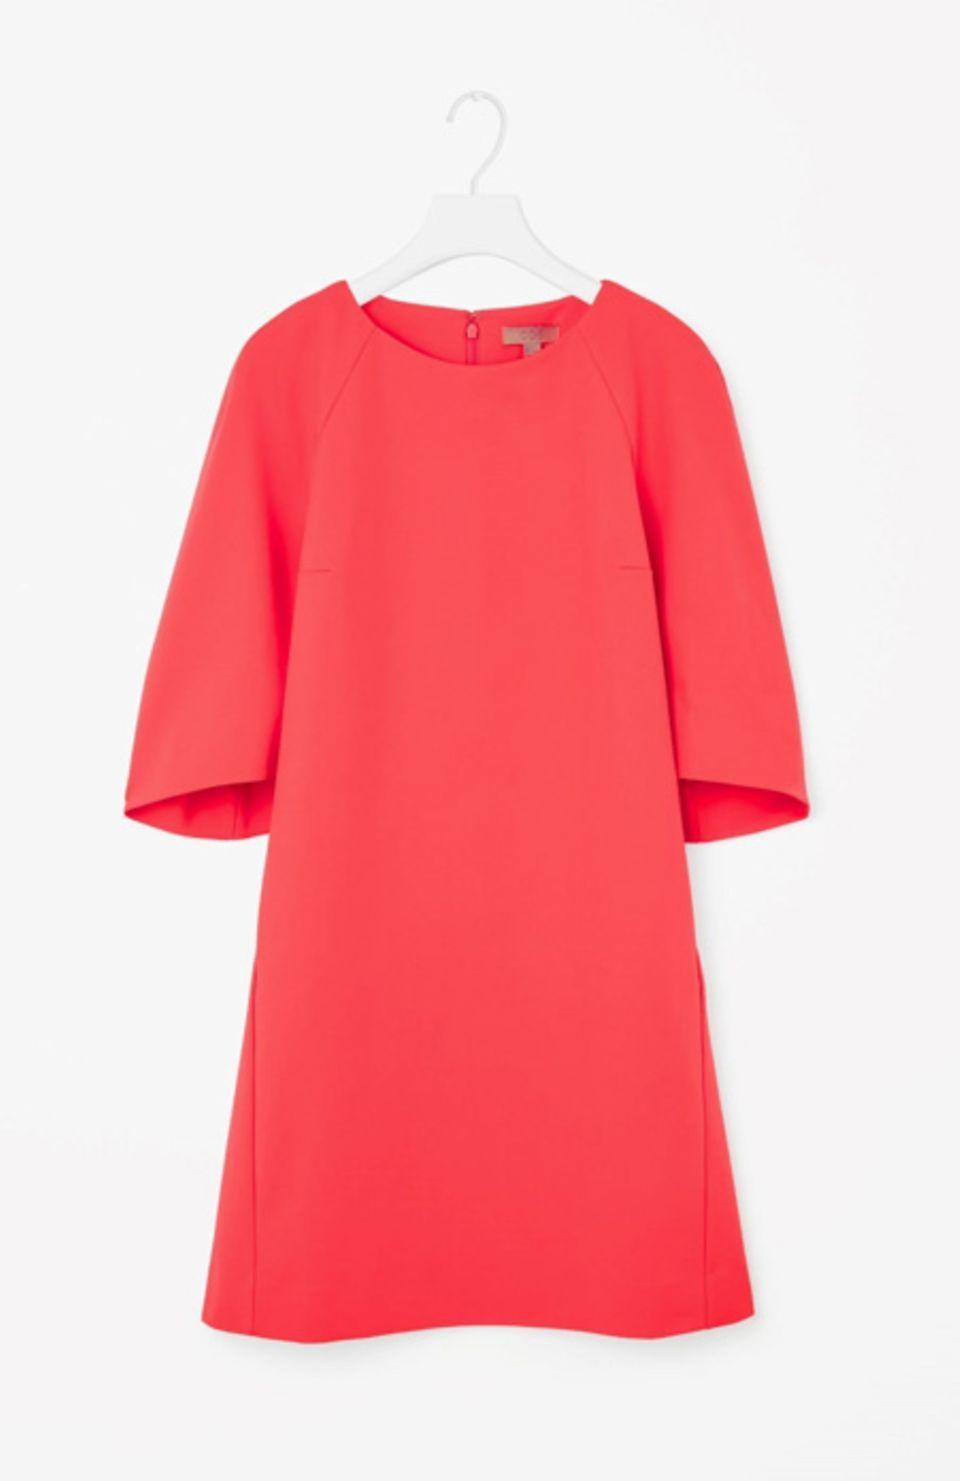 11 Kleider, die einen kleinen Bauch kaschieren  Kleid bauch